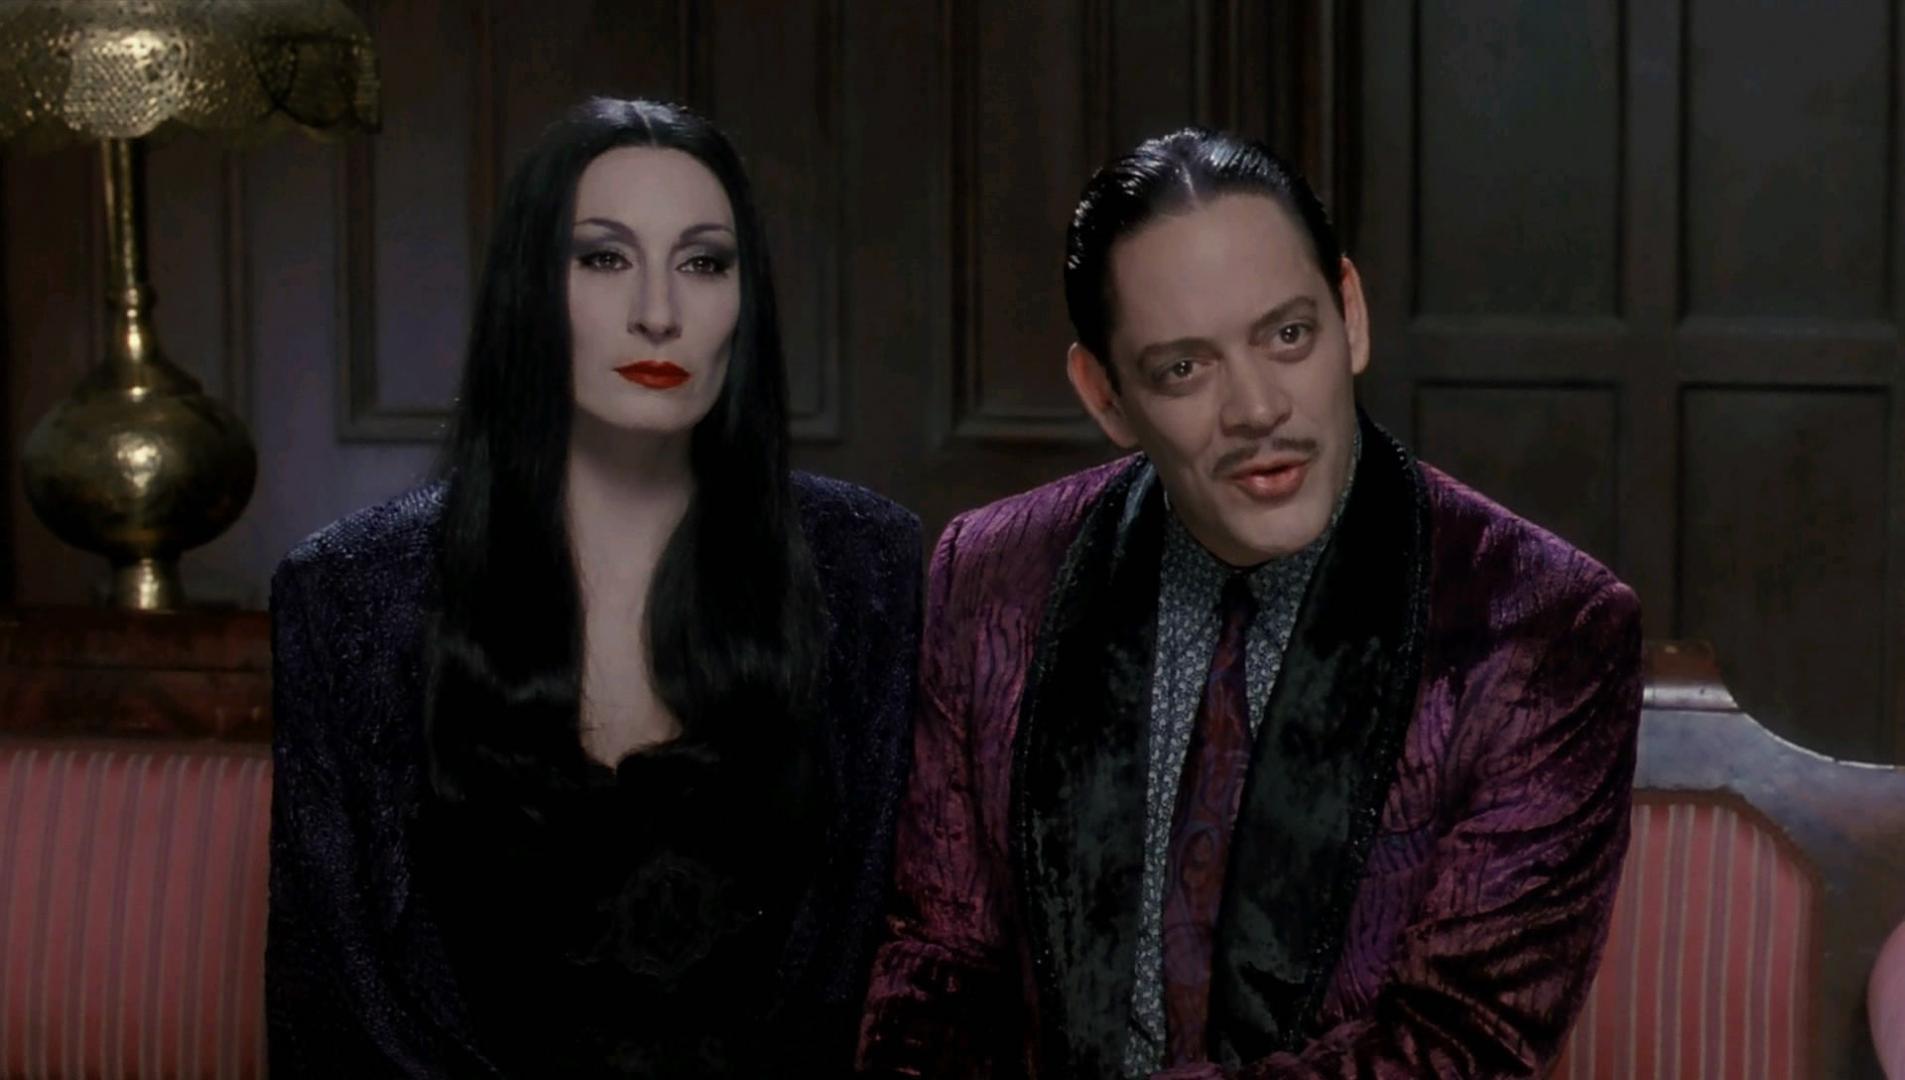 Jövő októberben érkezhet az Addams Family reboot